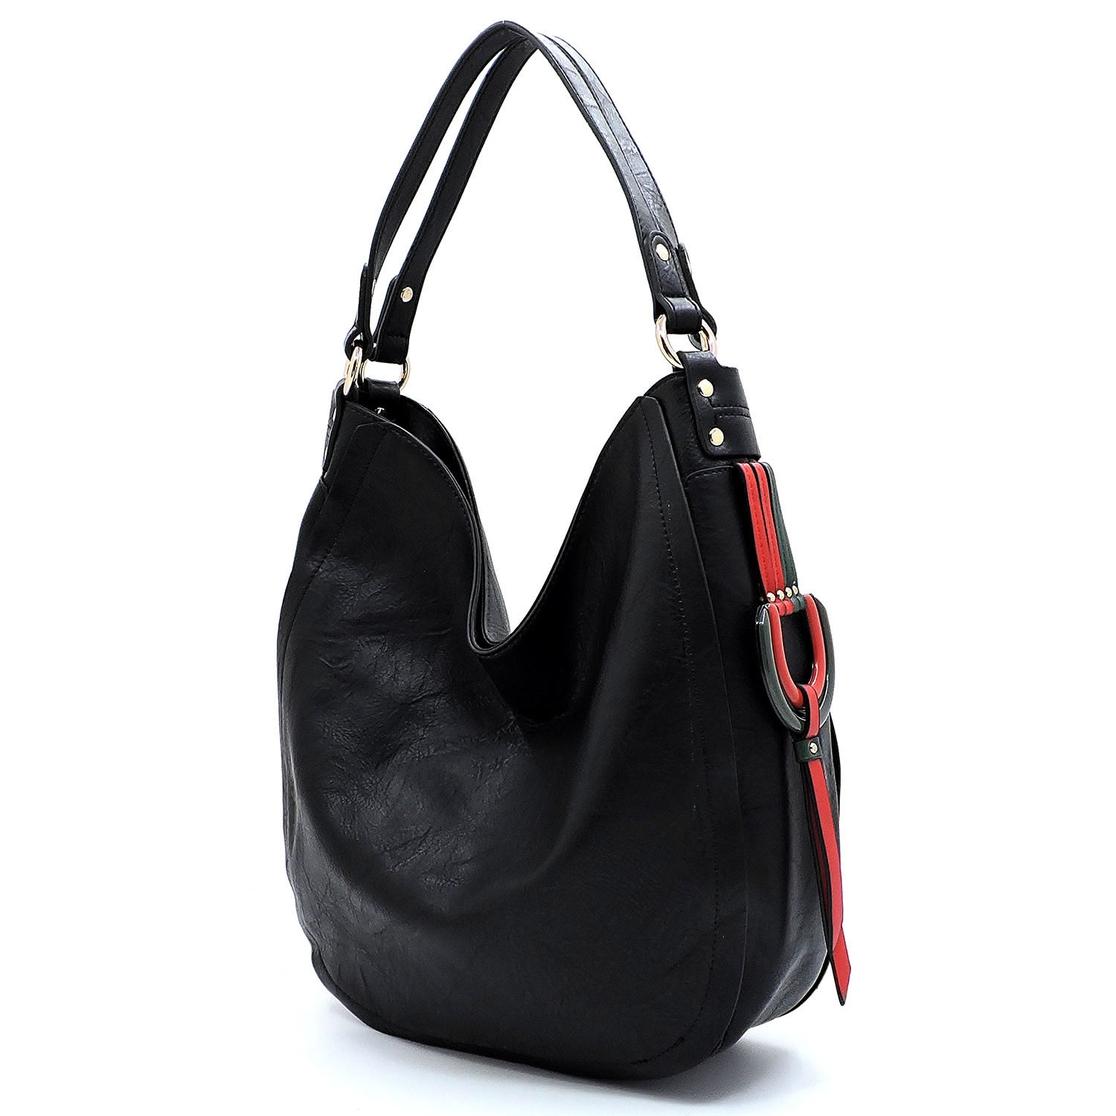 d89e358d12 FASHION BRIDGE Wholesale Multi Striped D-Ring Shoulder Bag ...